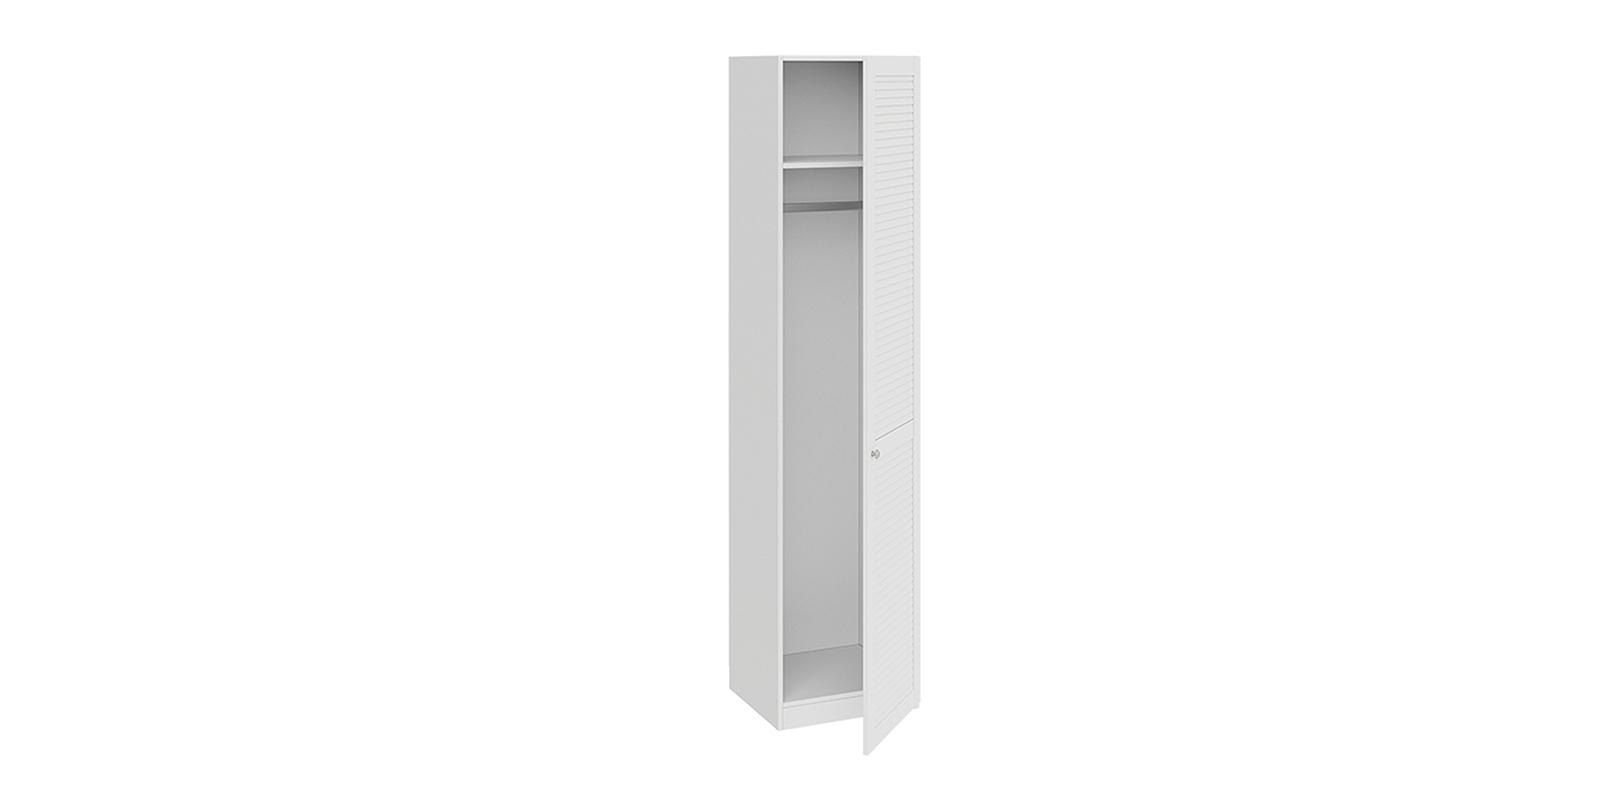 Шкаф распашной однодверный Мерида вариант №2 (дуб бежевый/белый)